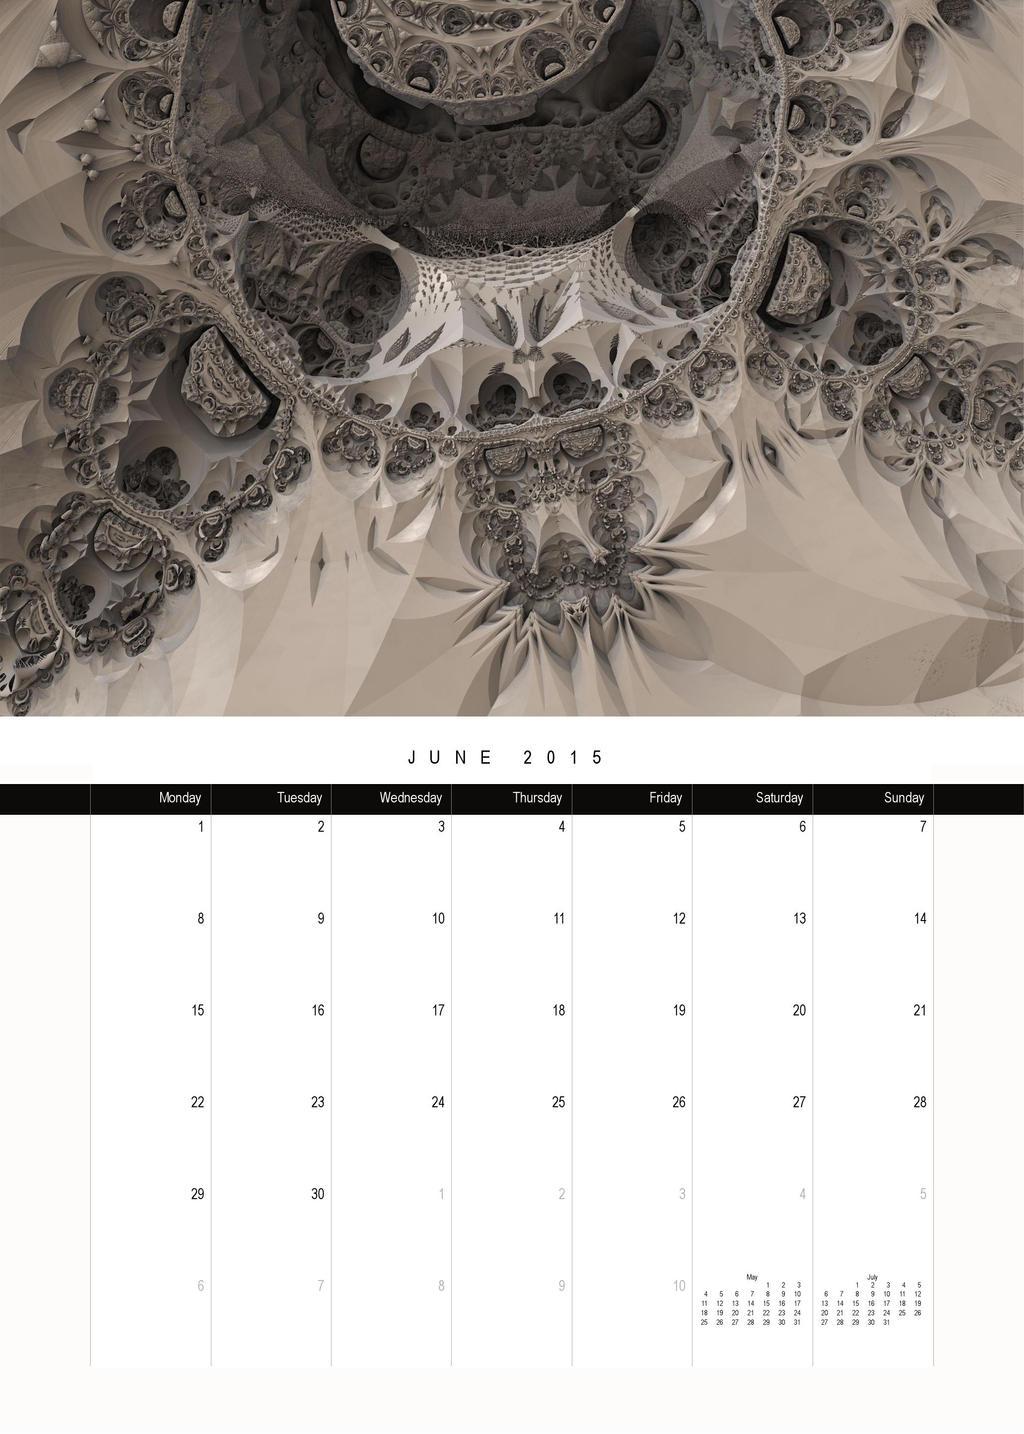 2015-calendar-mandelbulb-premium-mauxuam 000007 by mauxuam